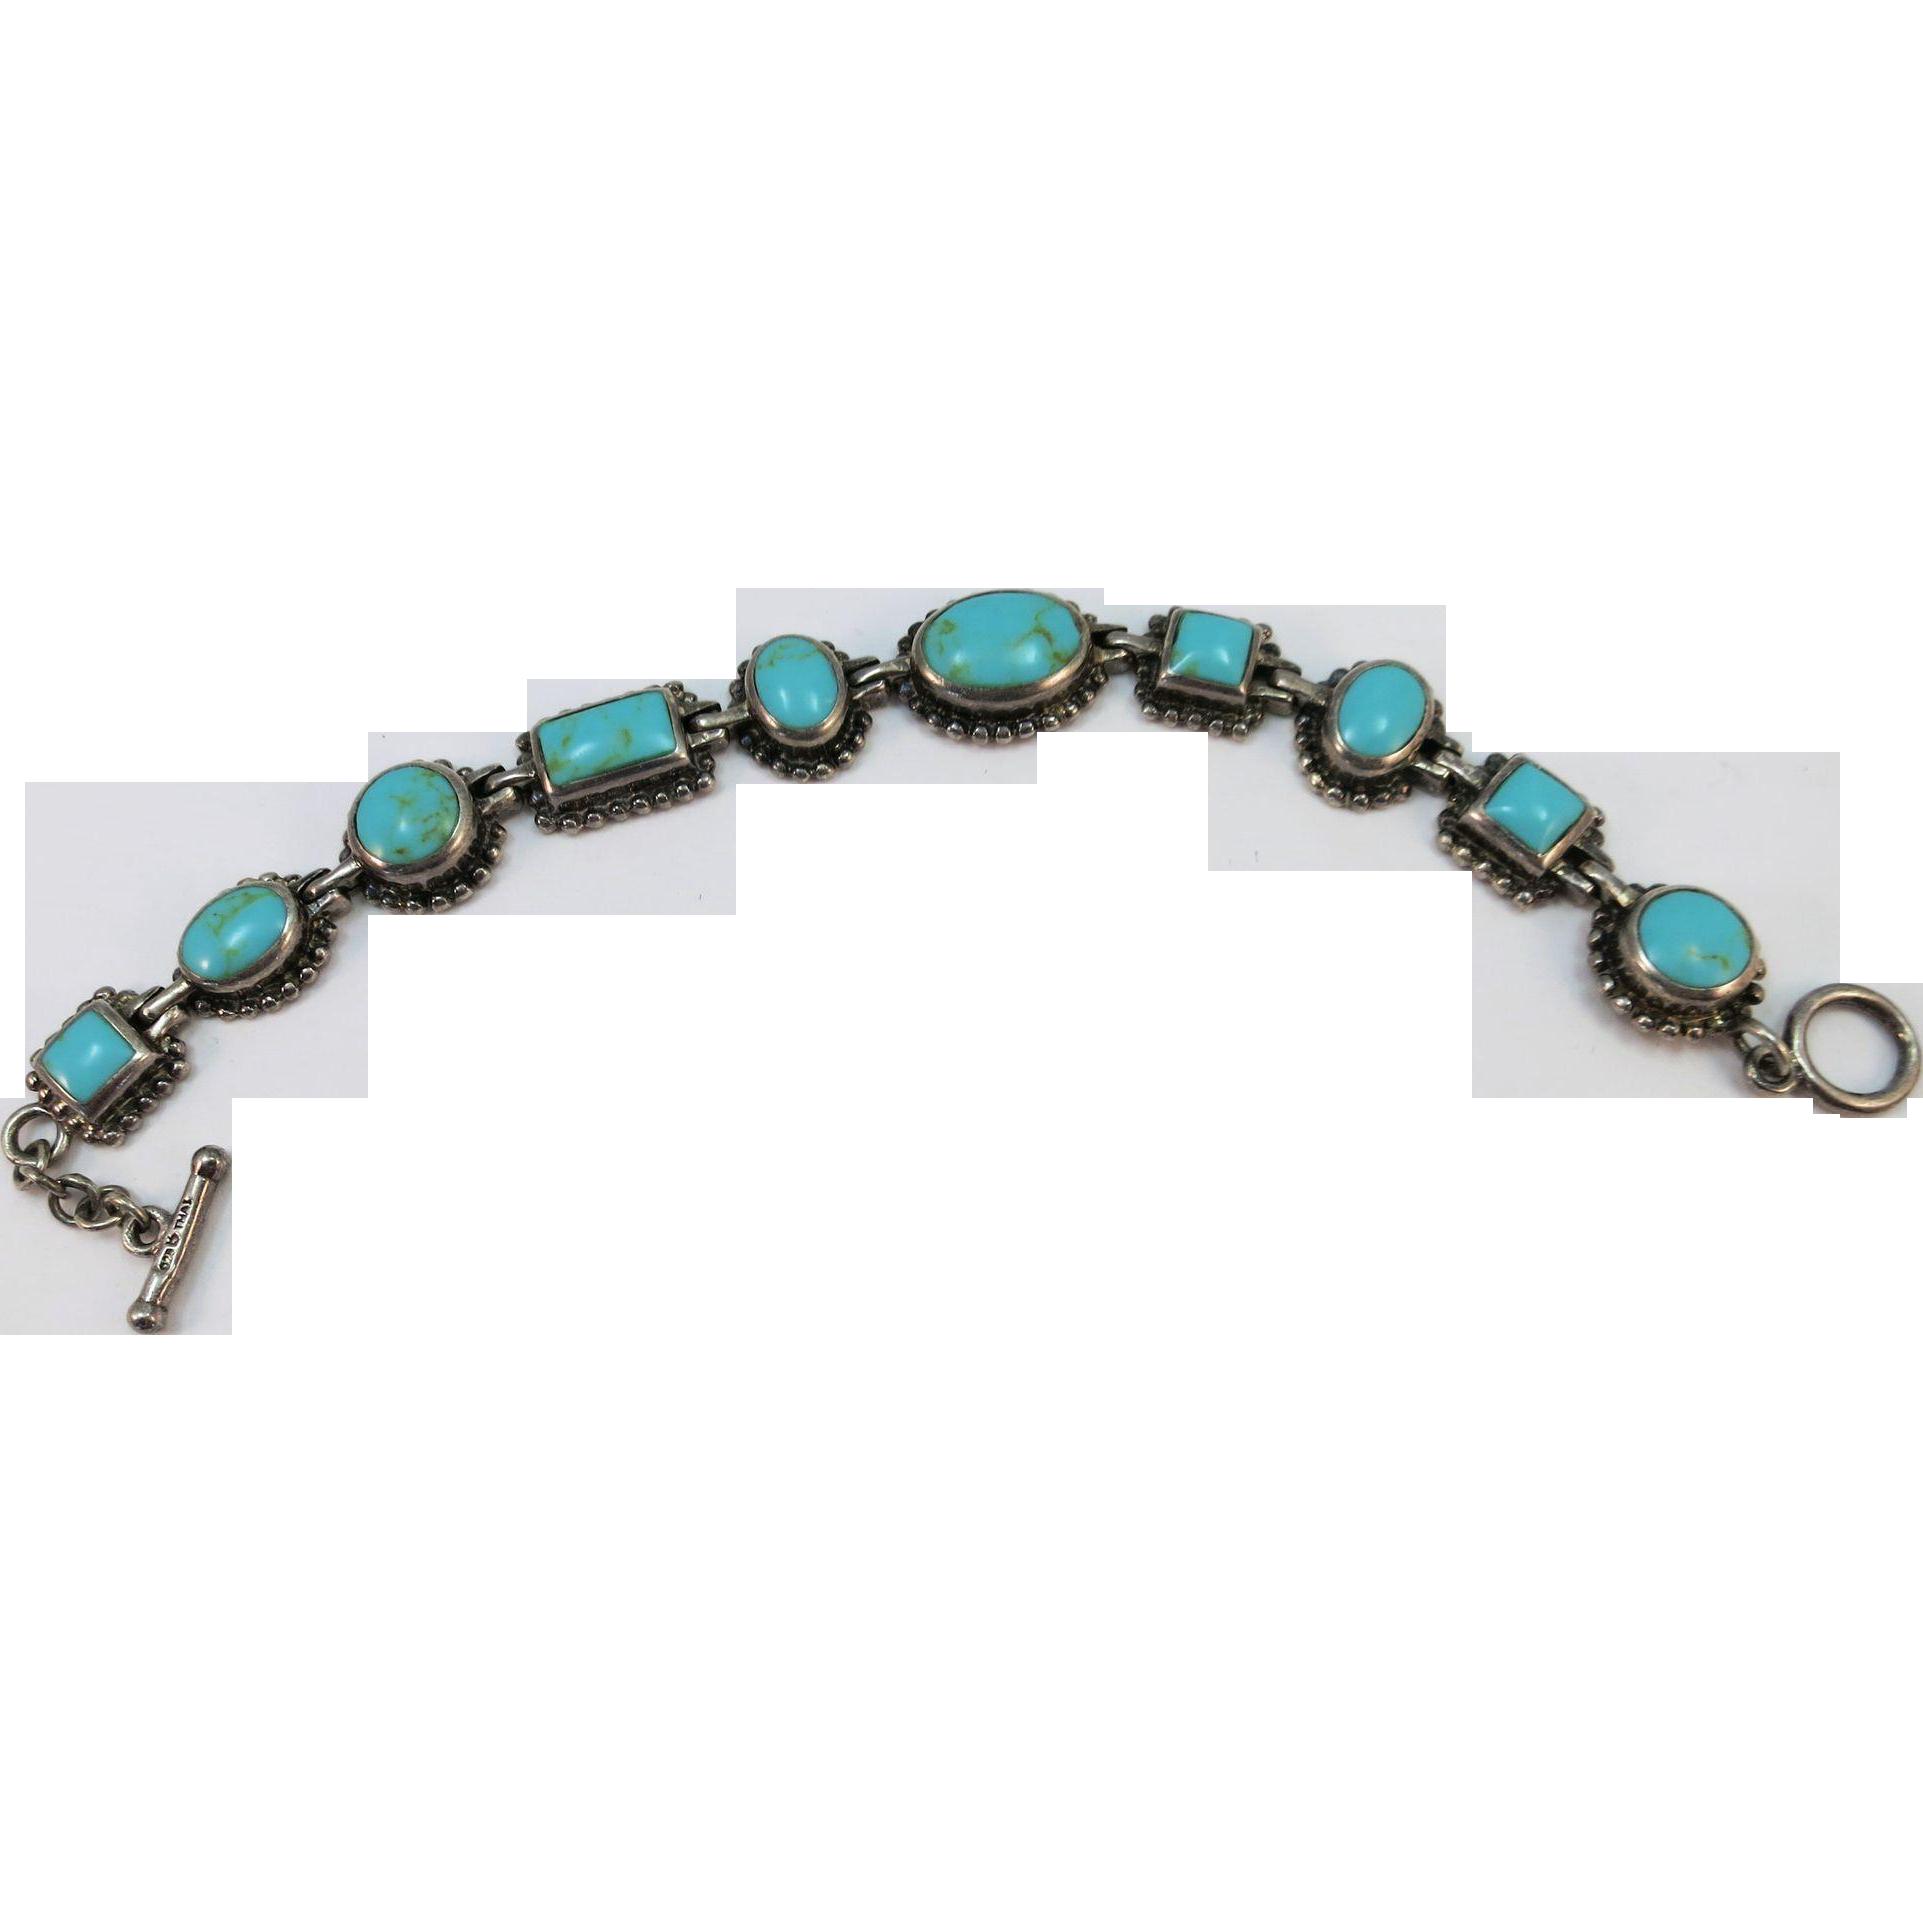 VINTAGE Sterling Turquoise Chunks Bracelet  7 1/2 Inch